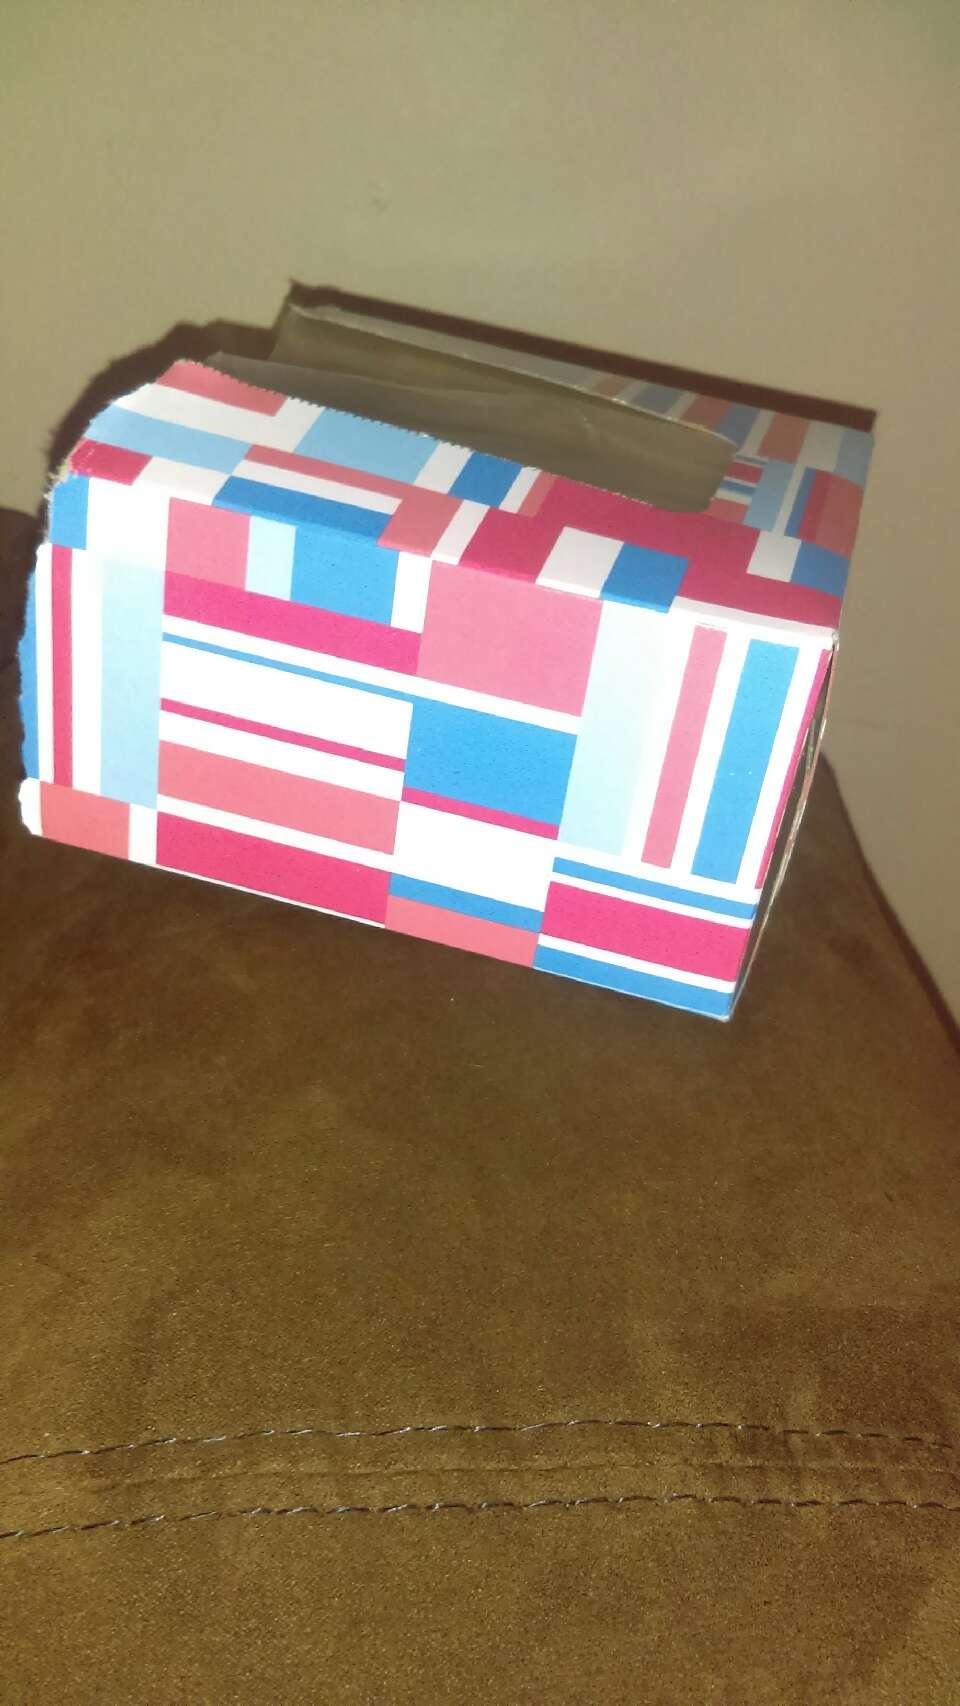 Cut the tissue box in half